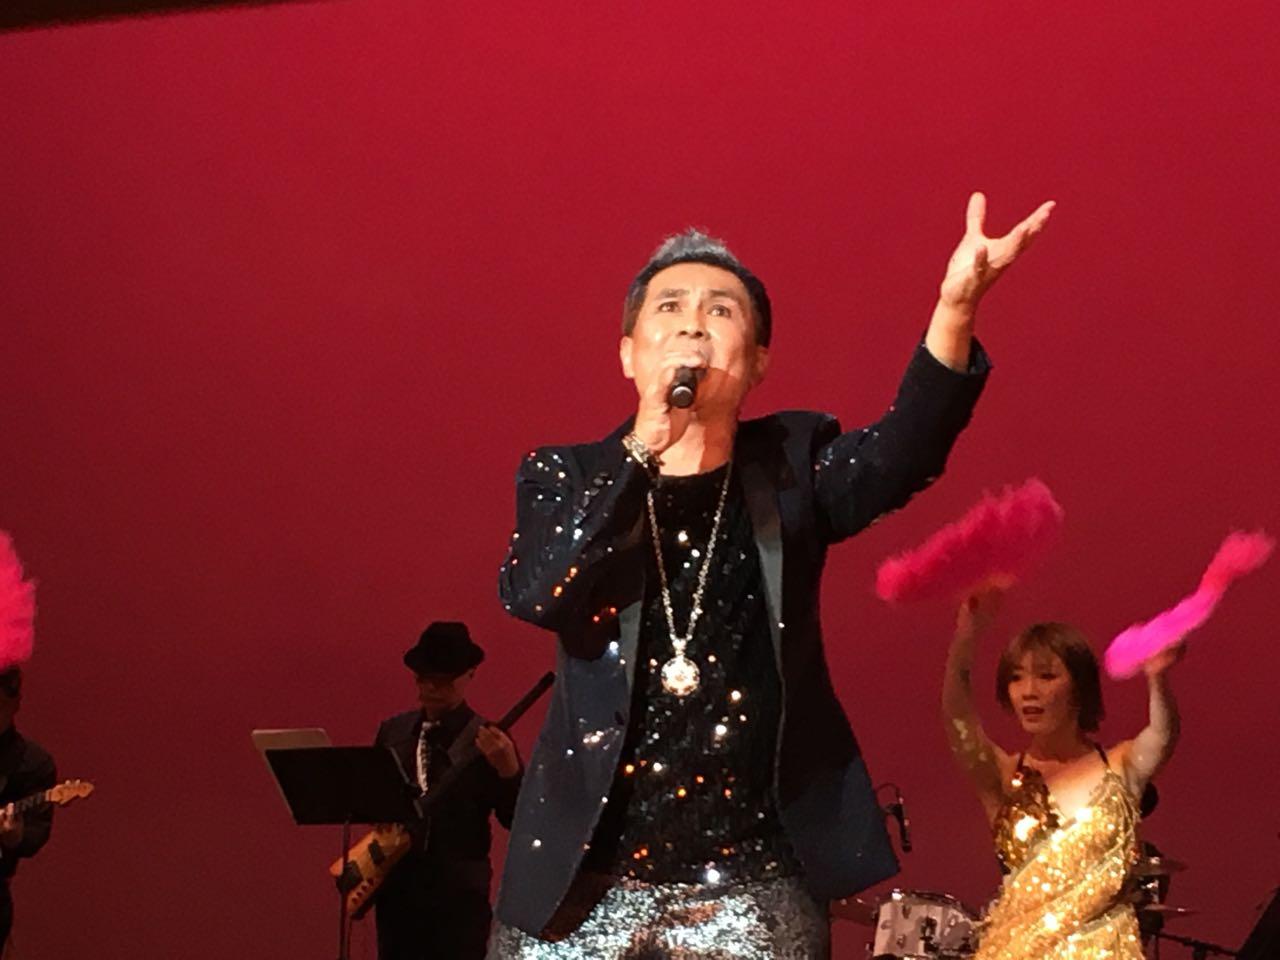 紐約搖滾天王James在雙十國慶綜藝晚會上演出。(記者王若然/攝影)